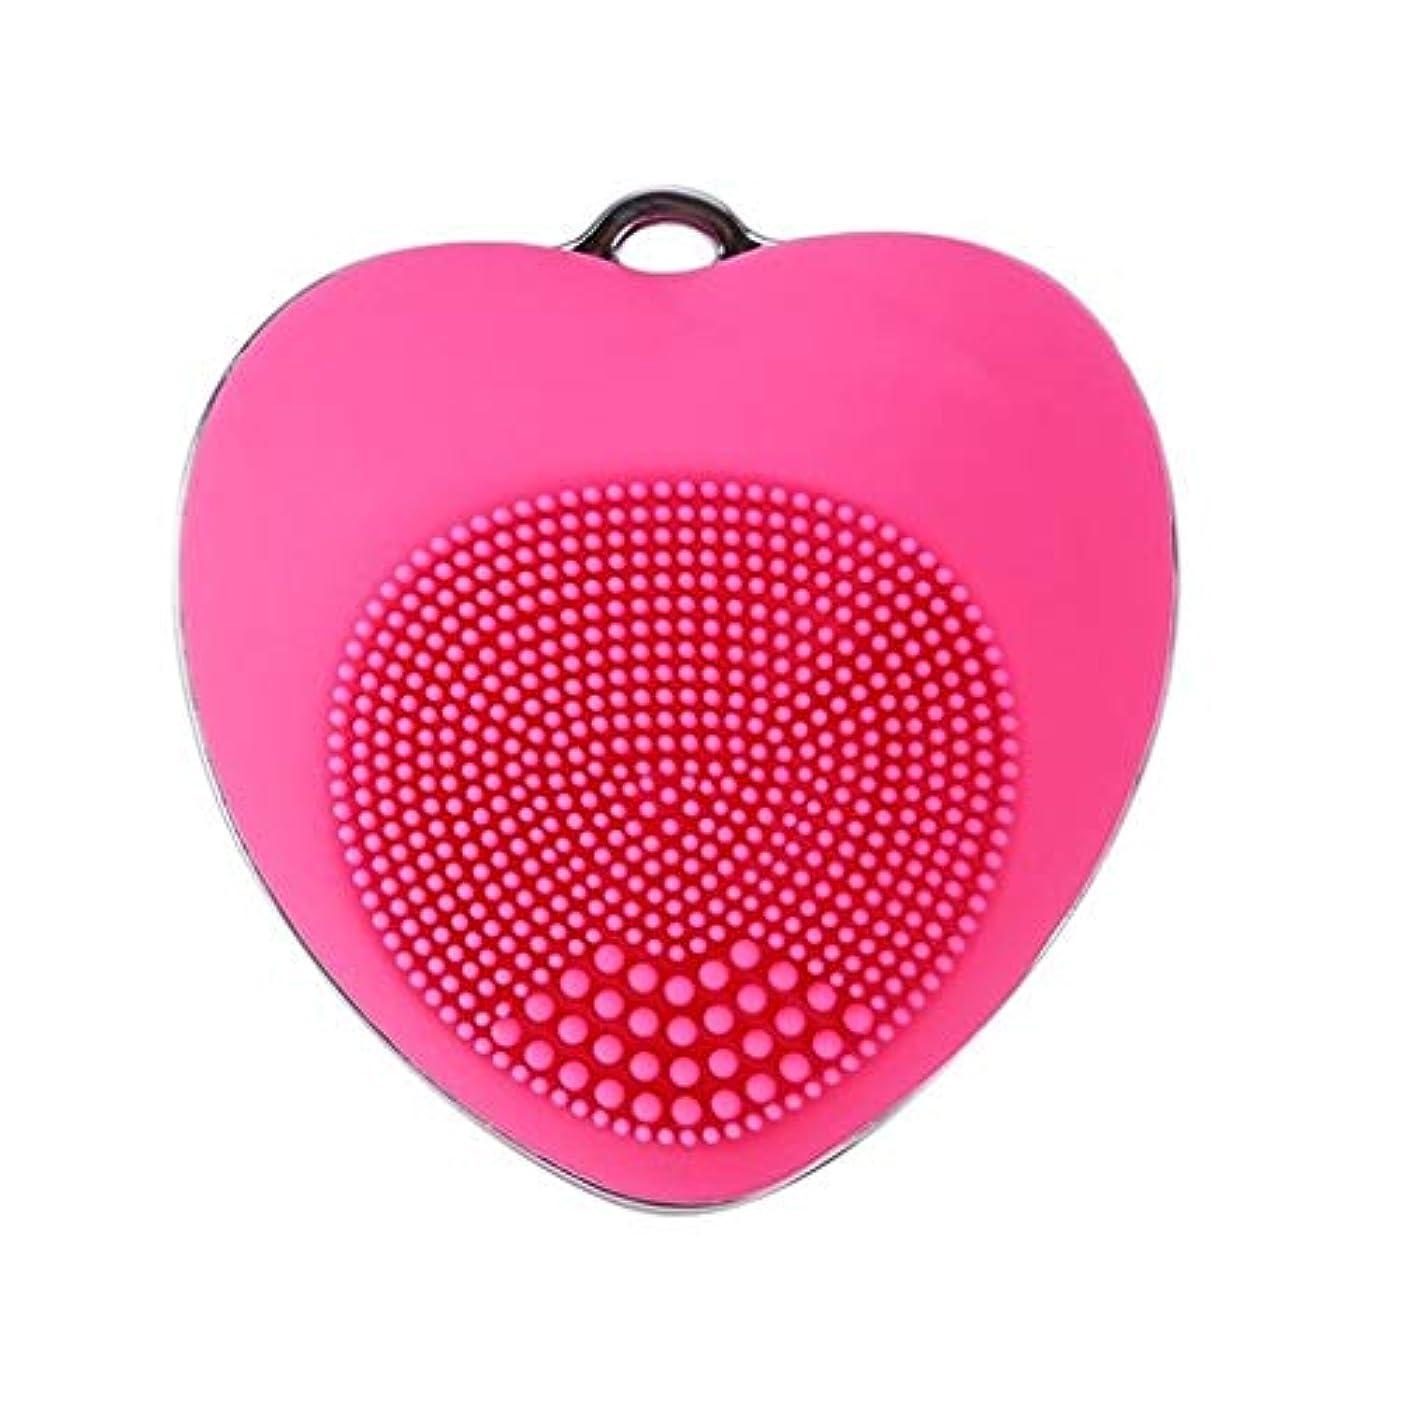 広々脱臼するお父さん電気クレンジング器具、超音波洗浄ポータブルフェイシャルマッサージャーきれいな毛穴深いクレンジング穏やかな角質除去黒ずみを除去 (Color : Rose Red)